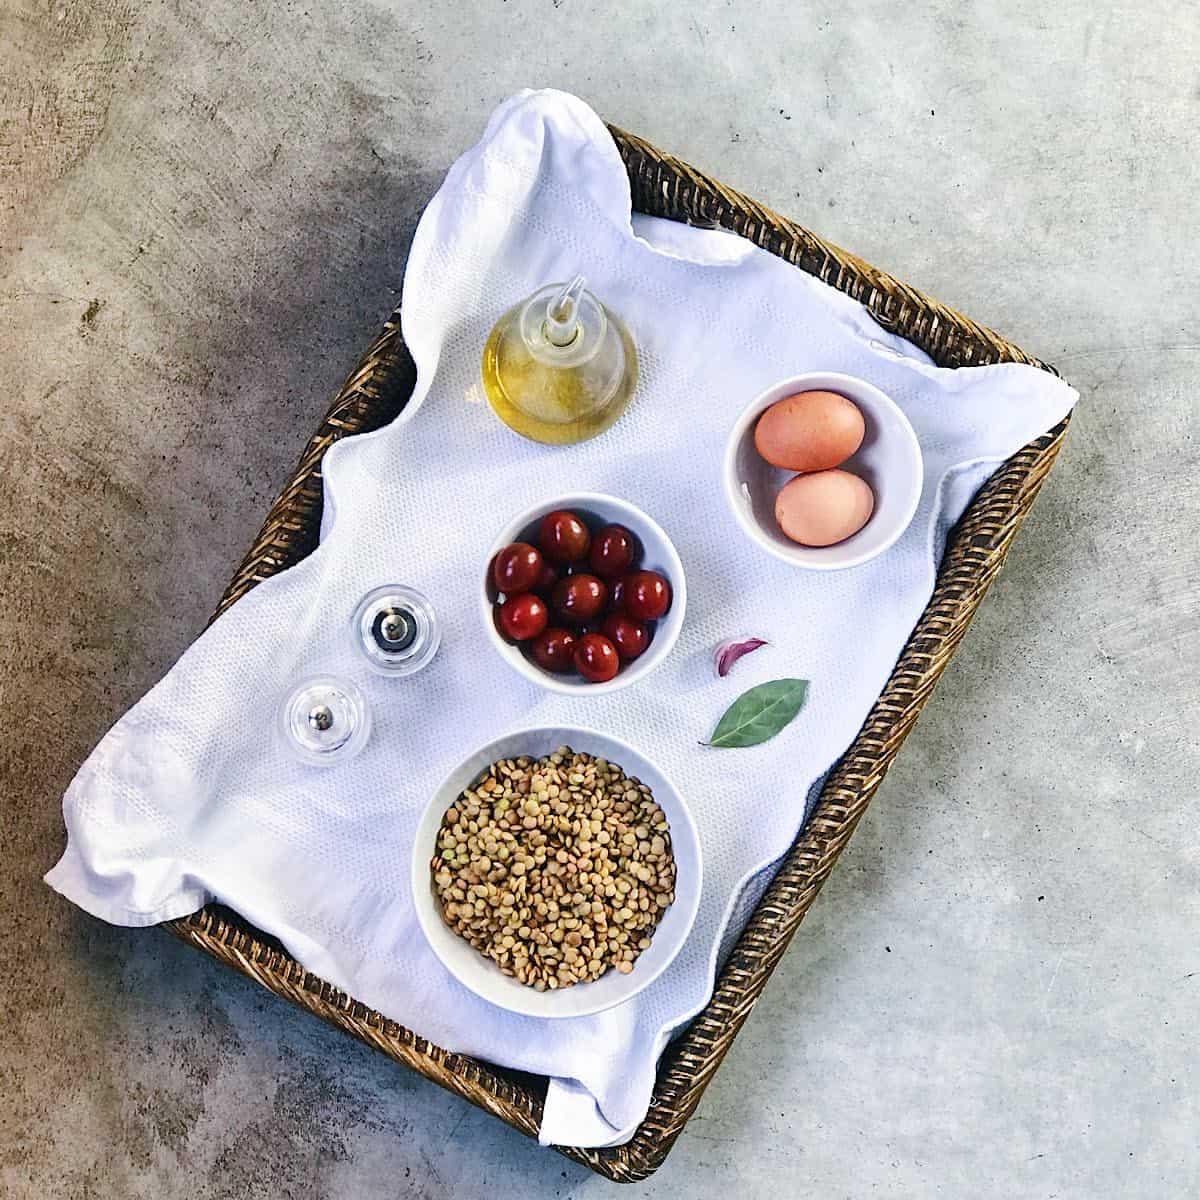 ingredientes de ensalada de lentejas